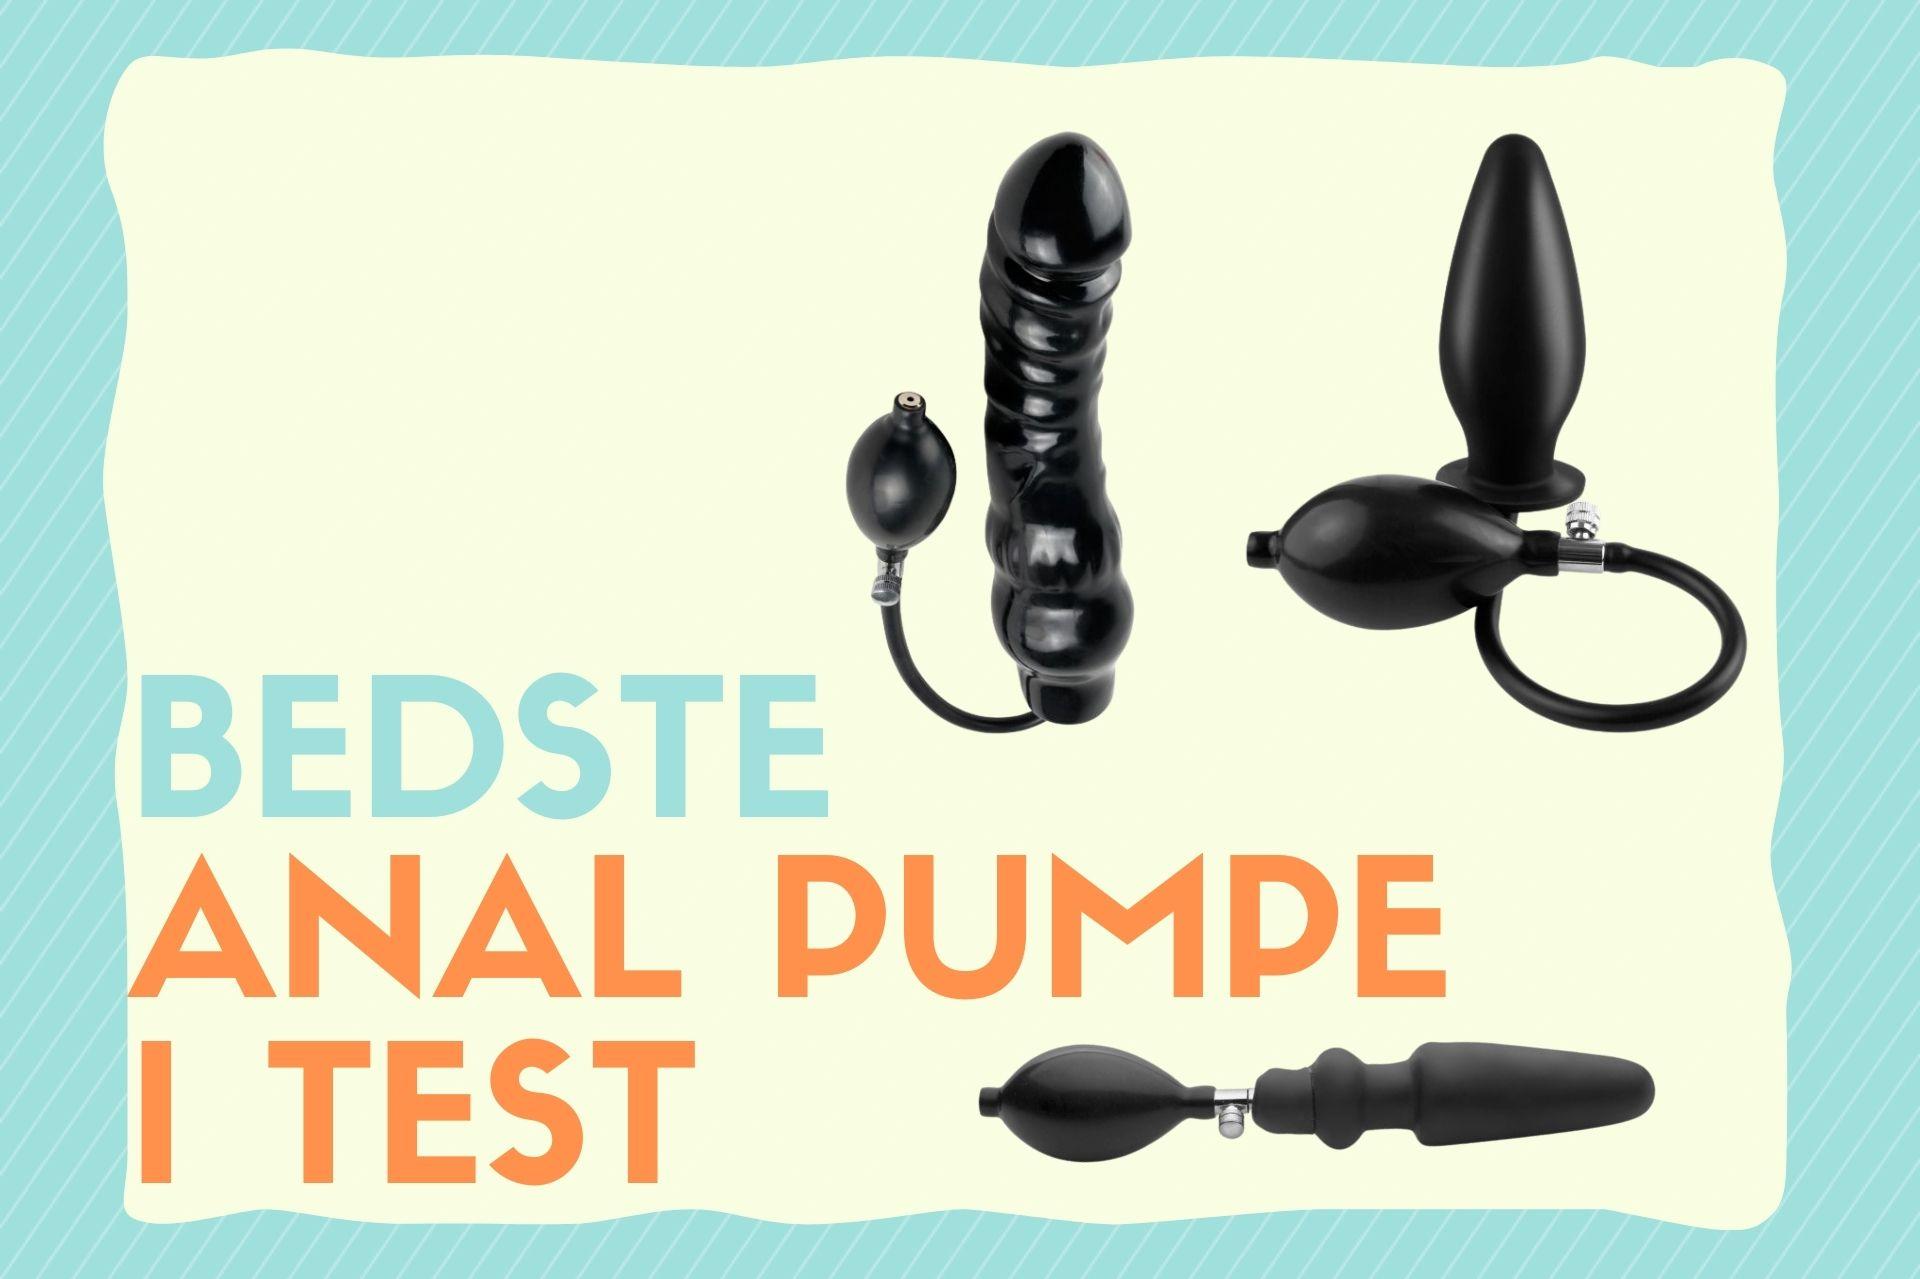 anal pumpe bedst i test